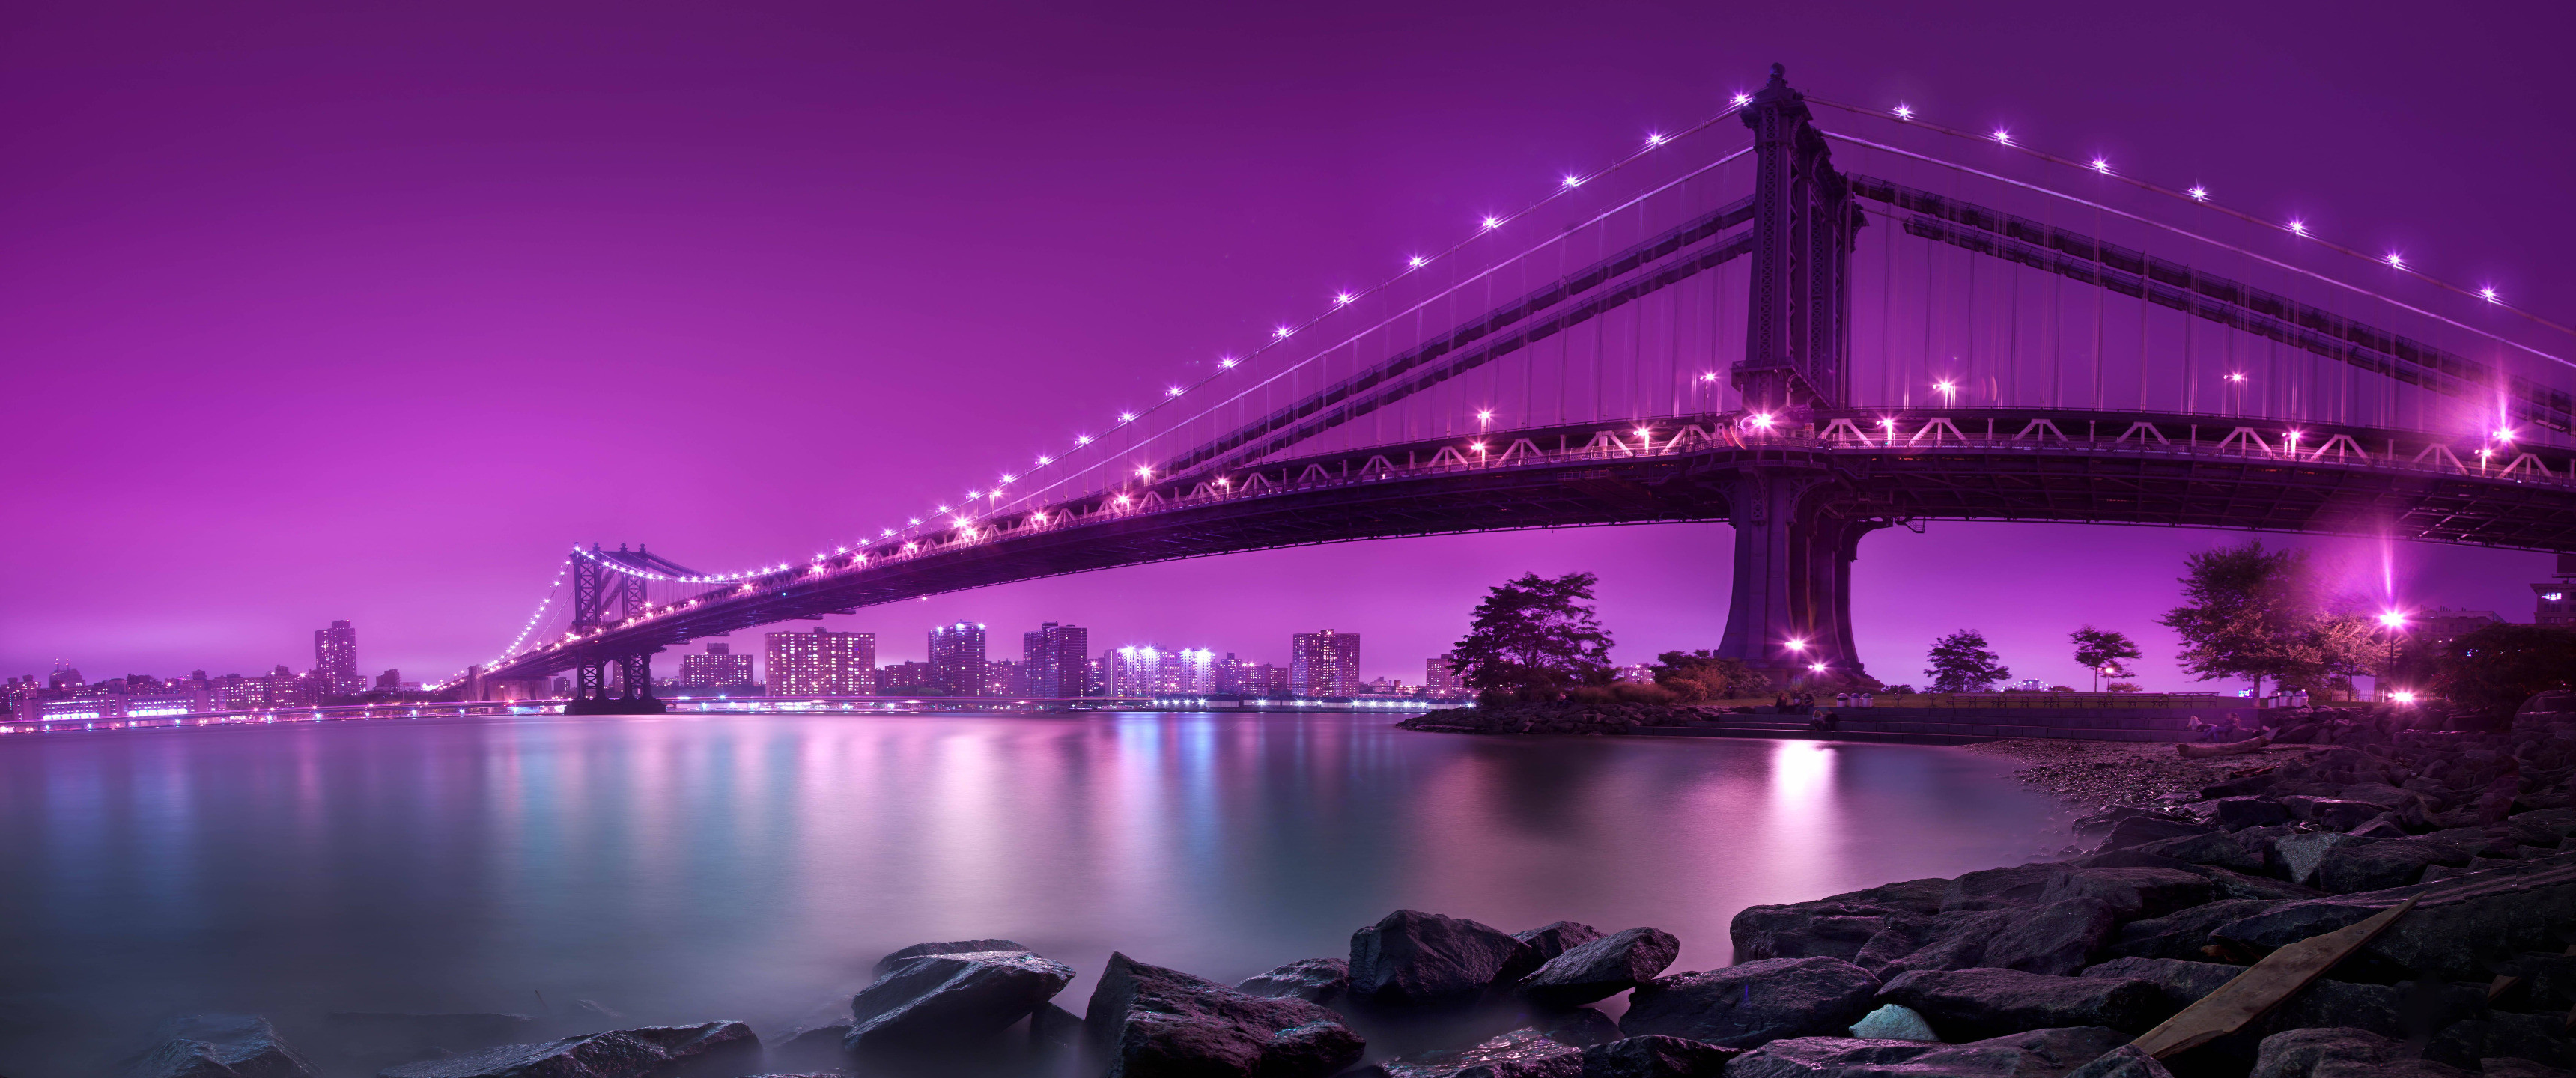 Purple Sky Ultrawide Wallpaper